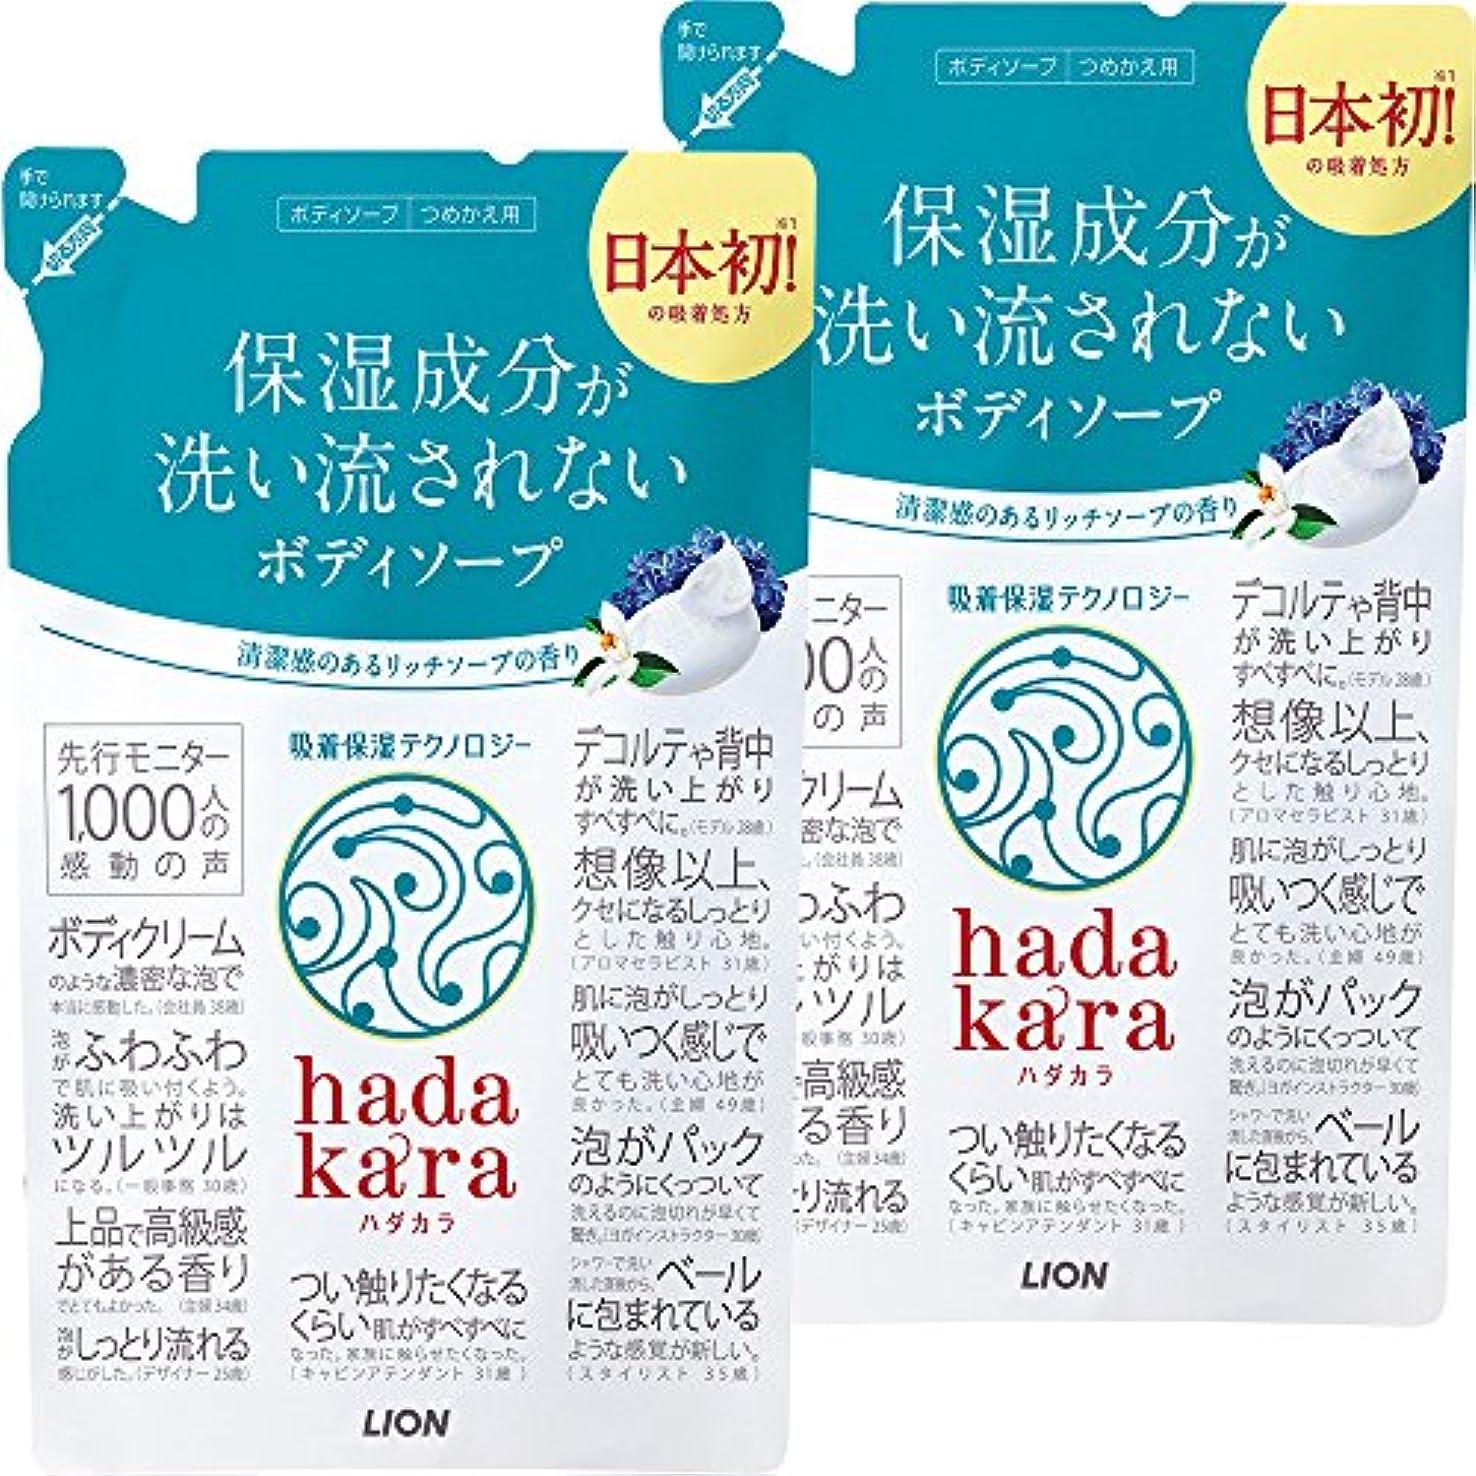 【まとめ買い】hadakara(ハダカラ) ボディソープ リッチソープの香り 詰め替え 360ml×2個パック